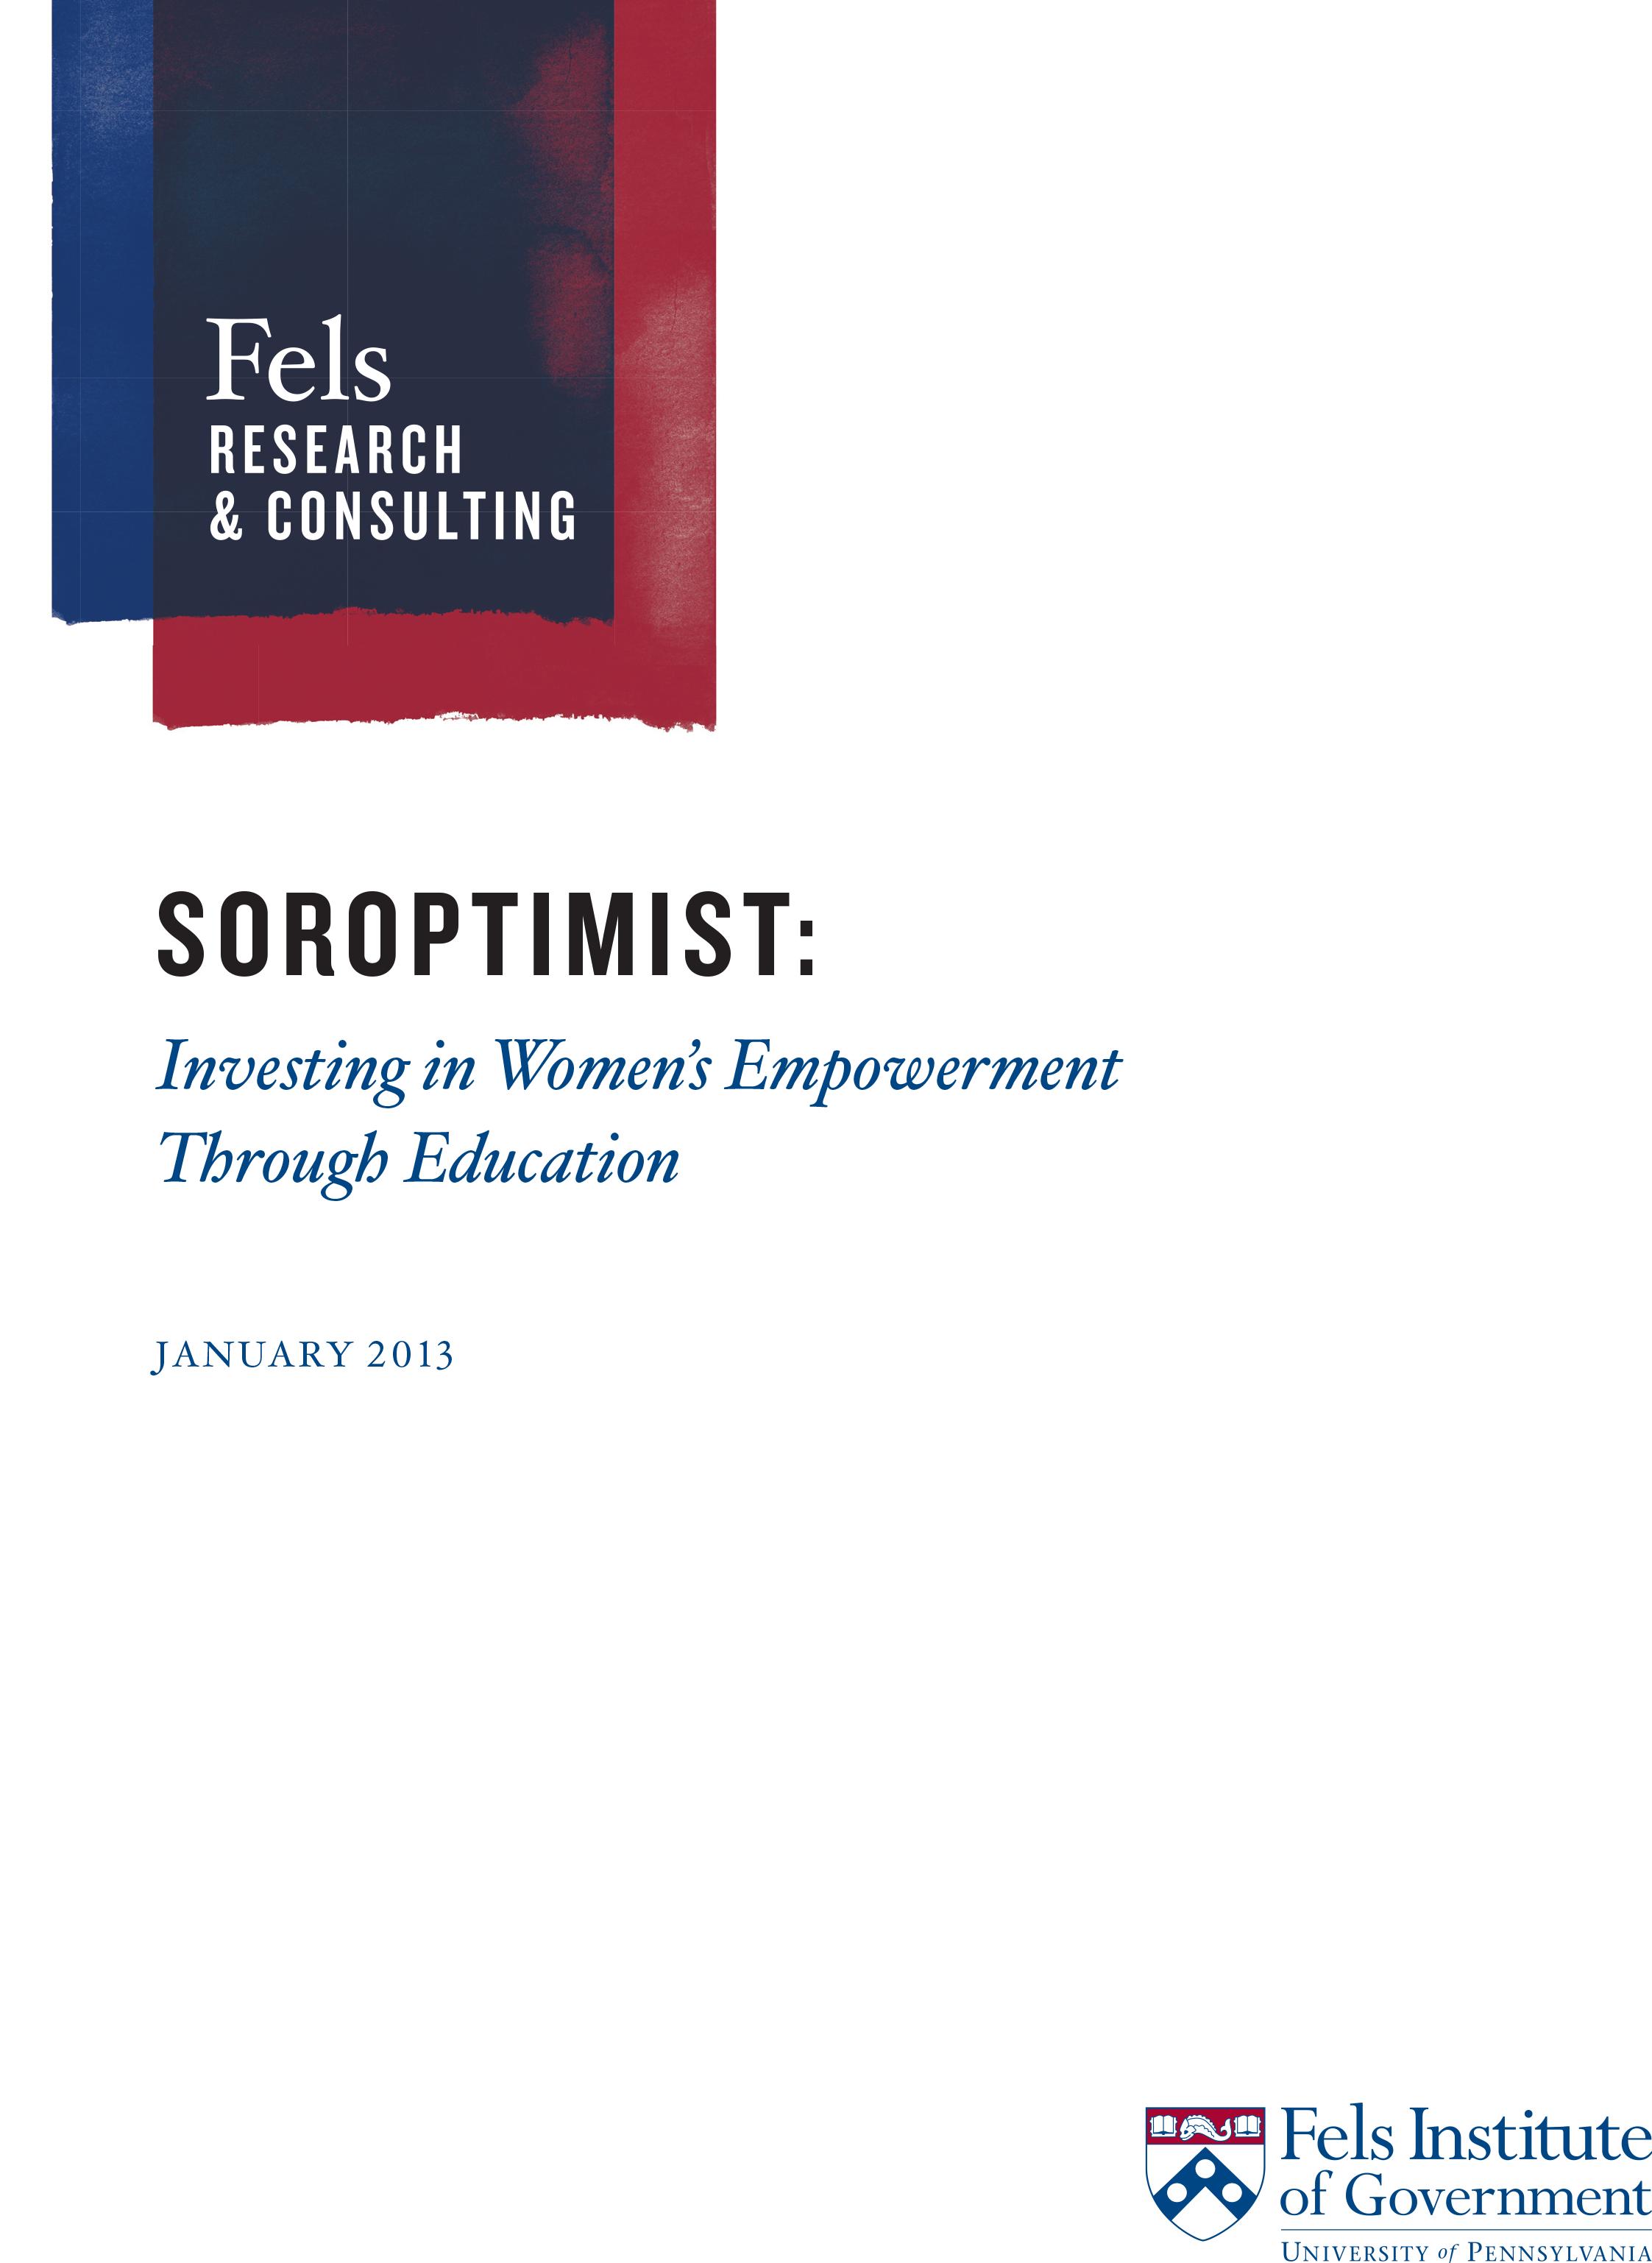 Live Your Dream Awards Education Grants For Women Soroptimist